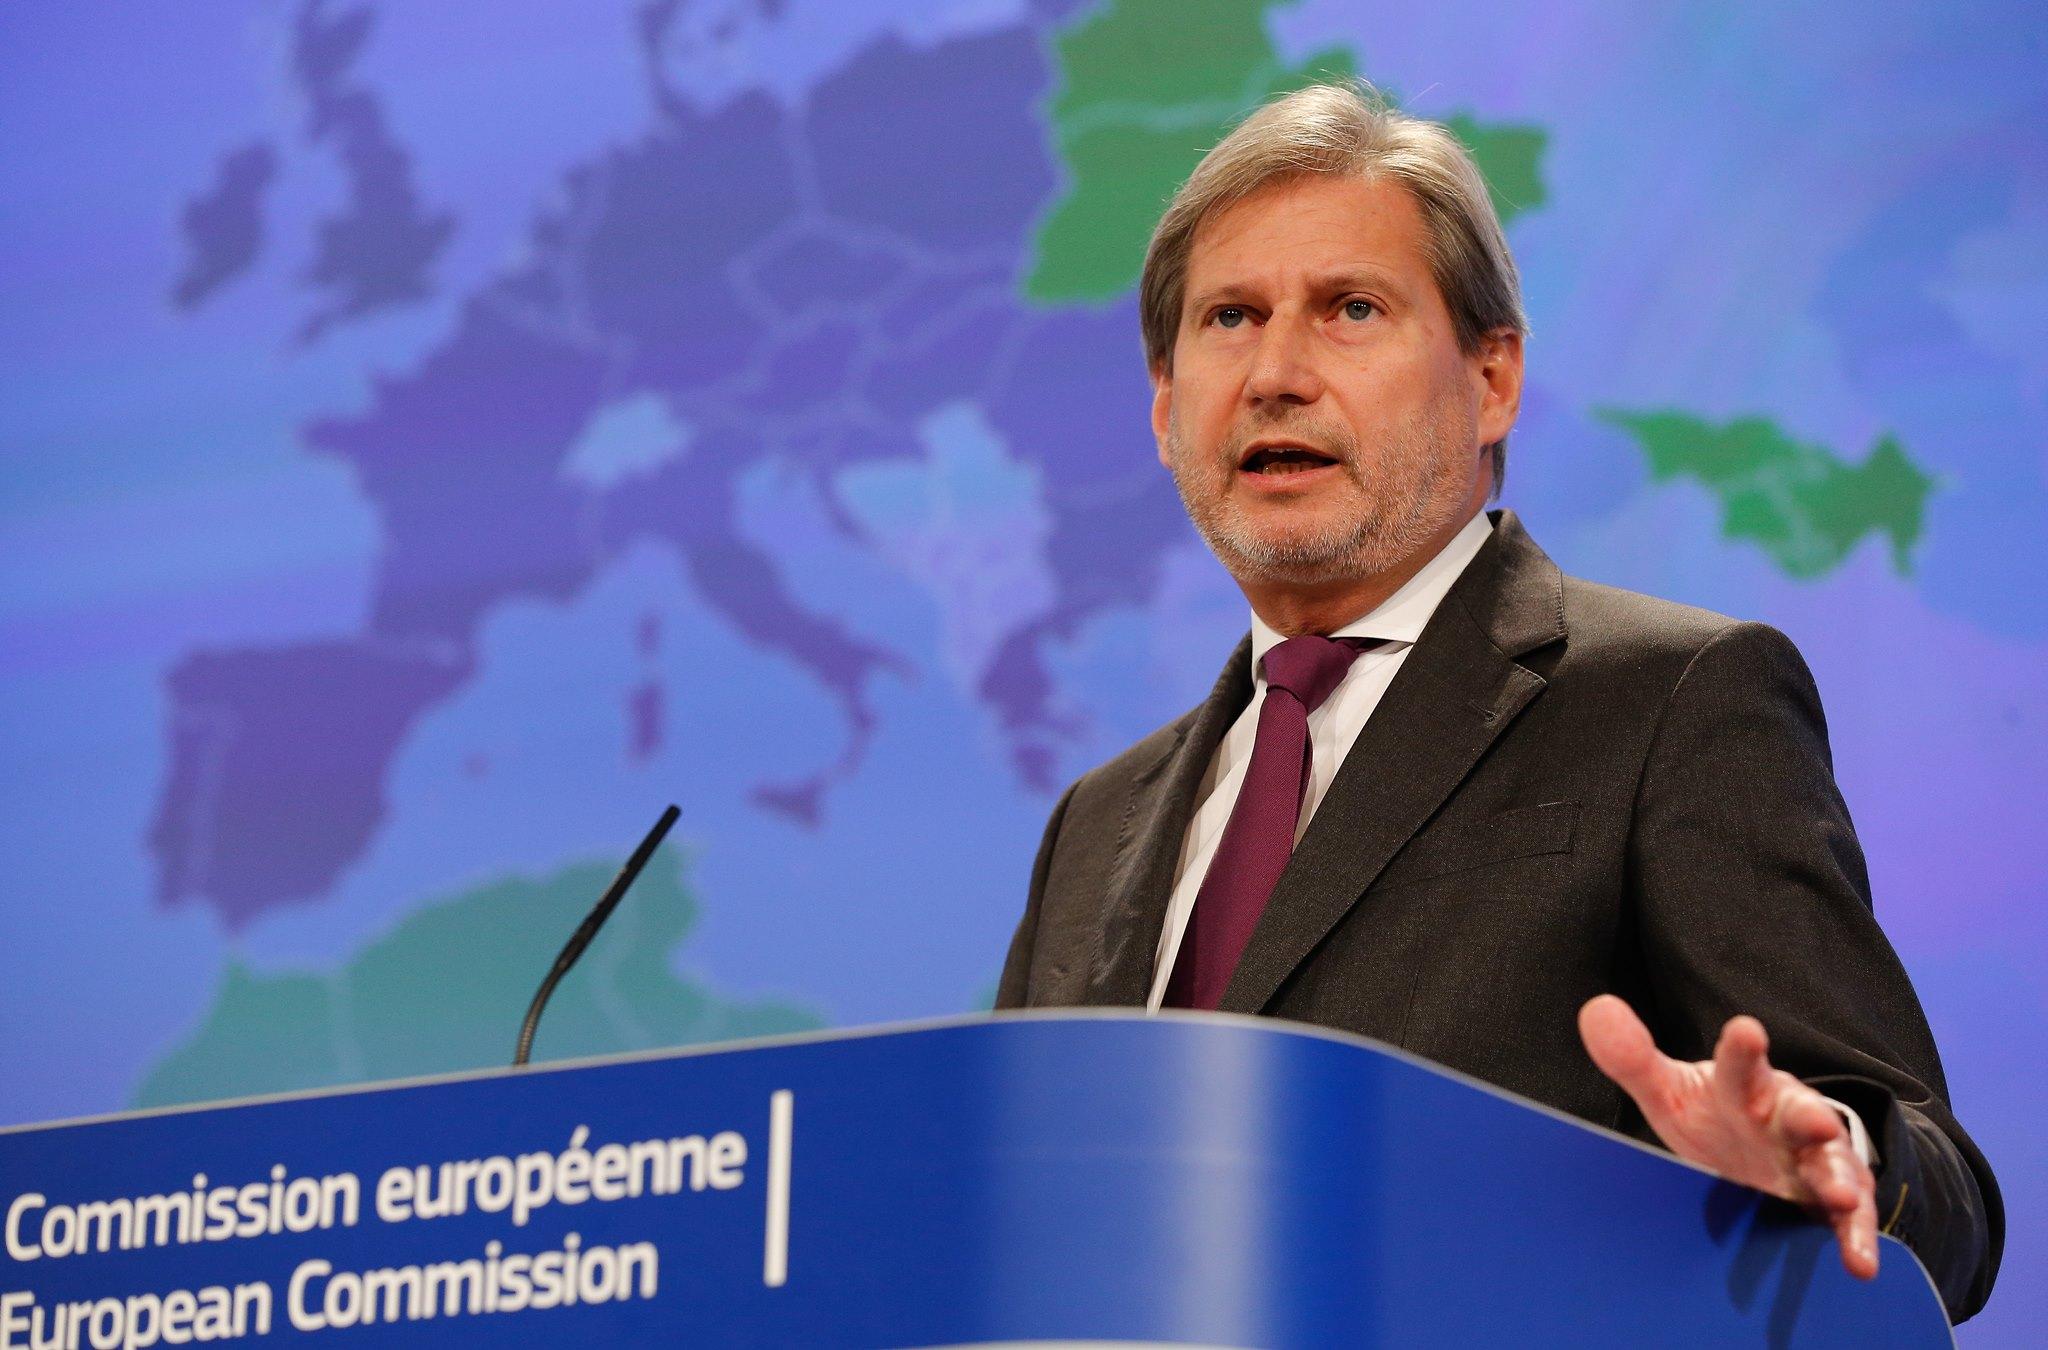 Η δήλωση του Hahn προκαλεί αντιδράσεις στα Σκόπια